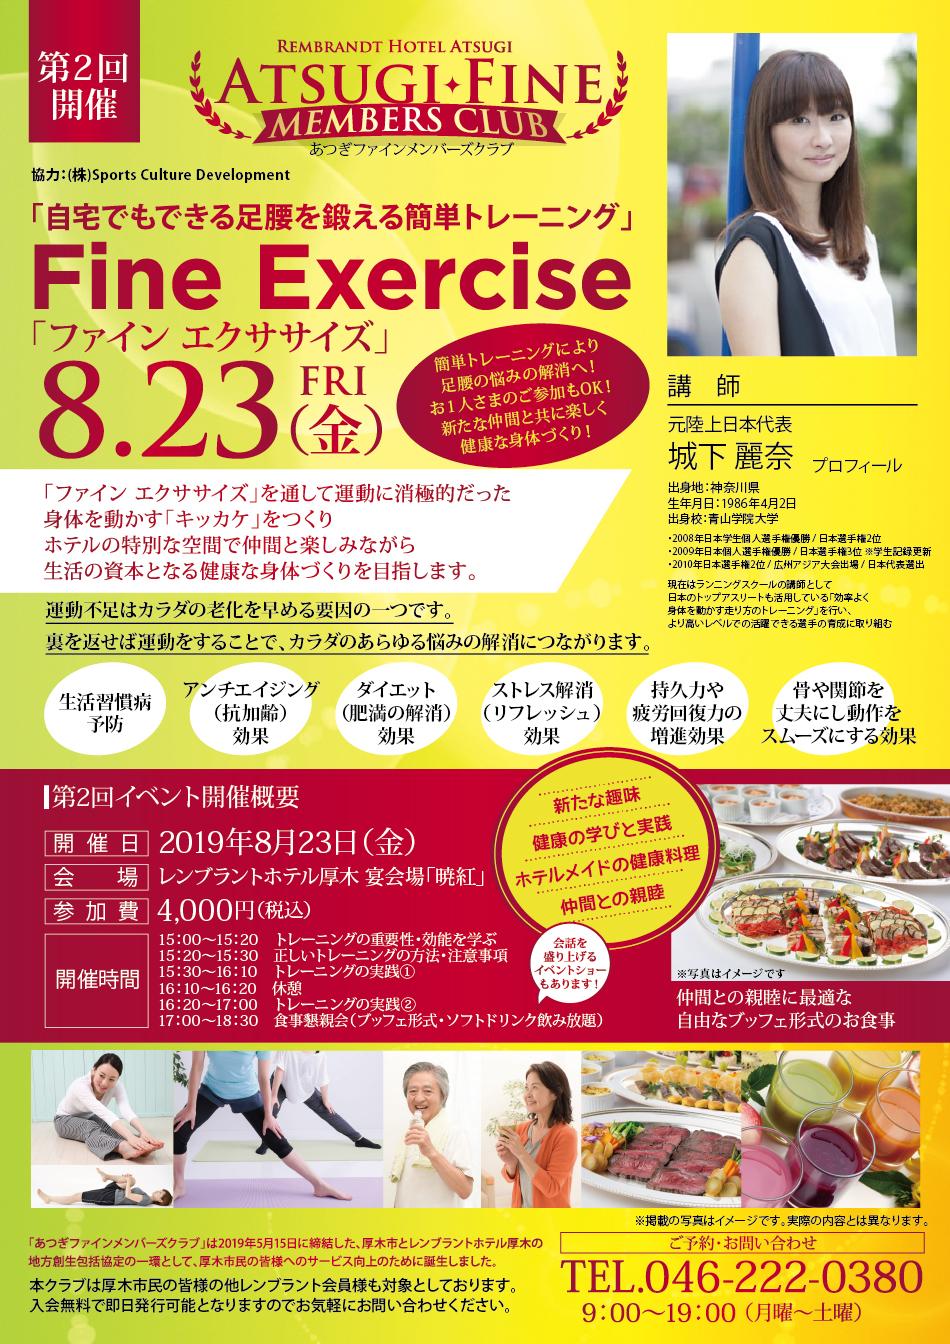 第2回 《あつぎファインメンバーズクラブ》ファイン エクササイズ ― Fine Exercise ― 【8/23開催】